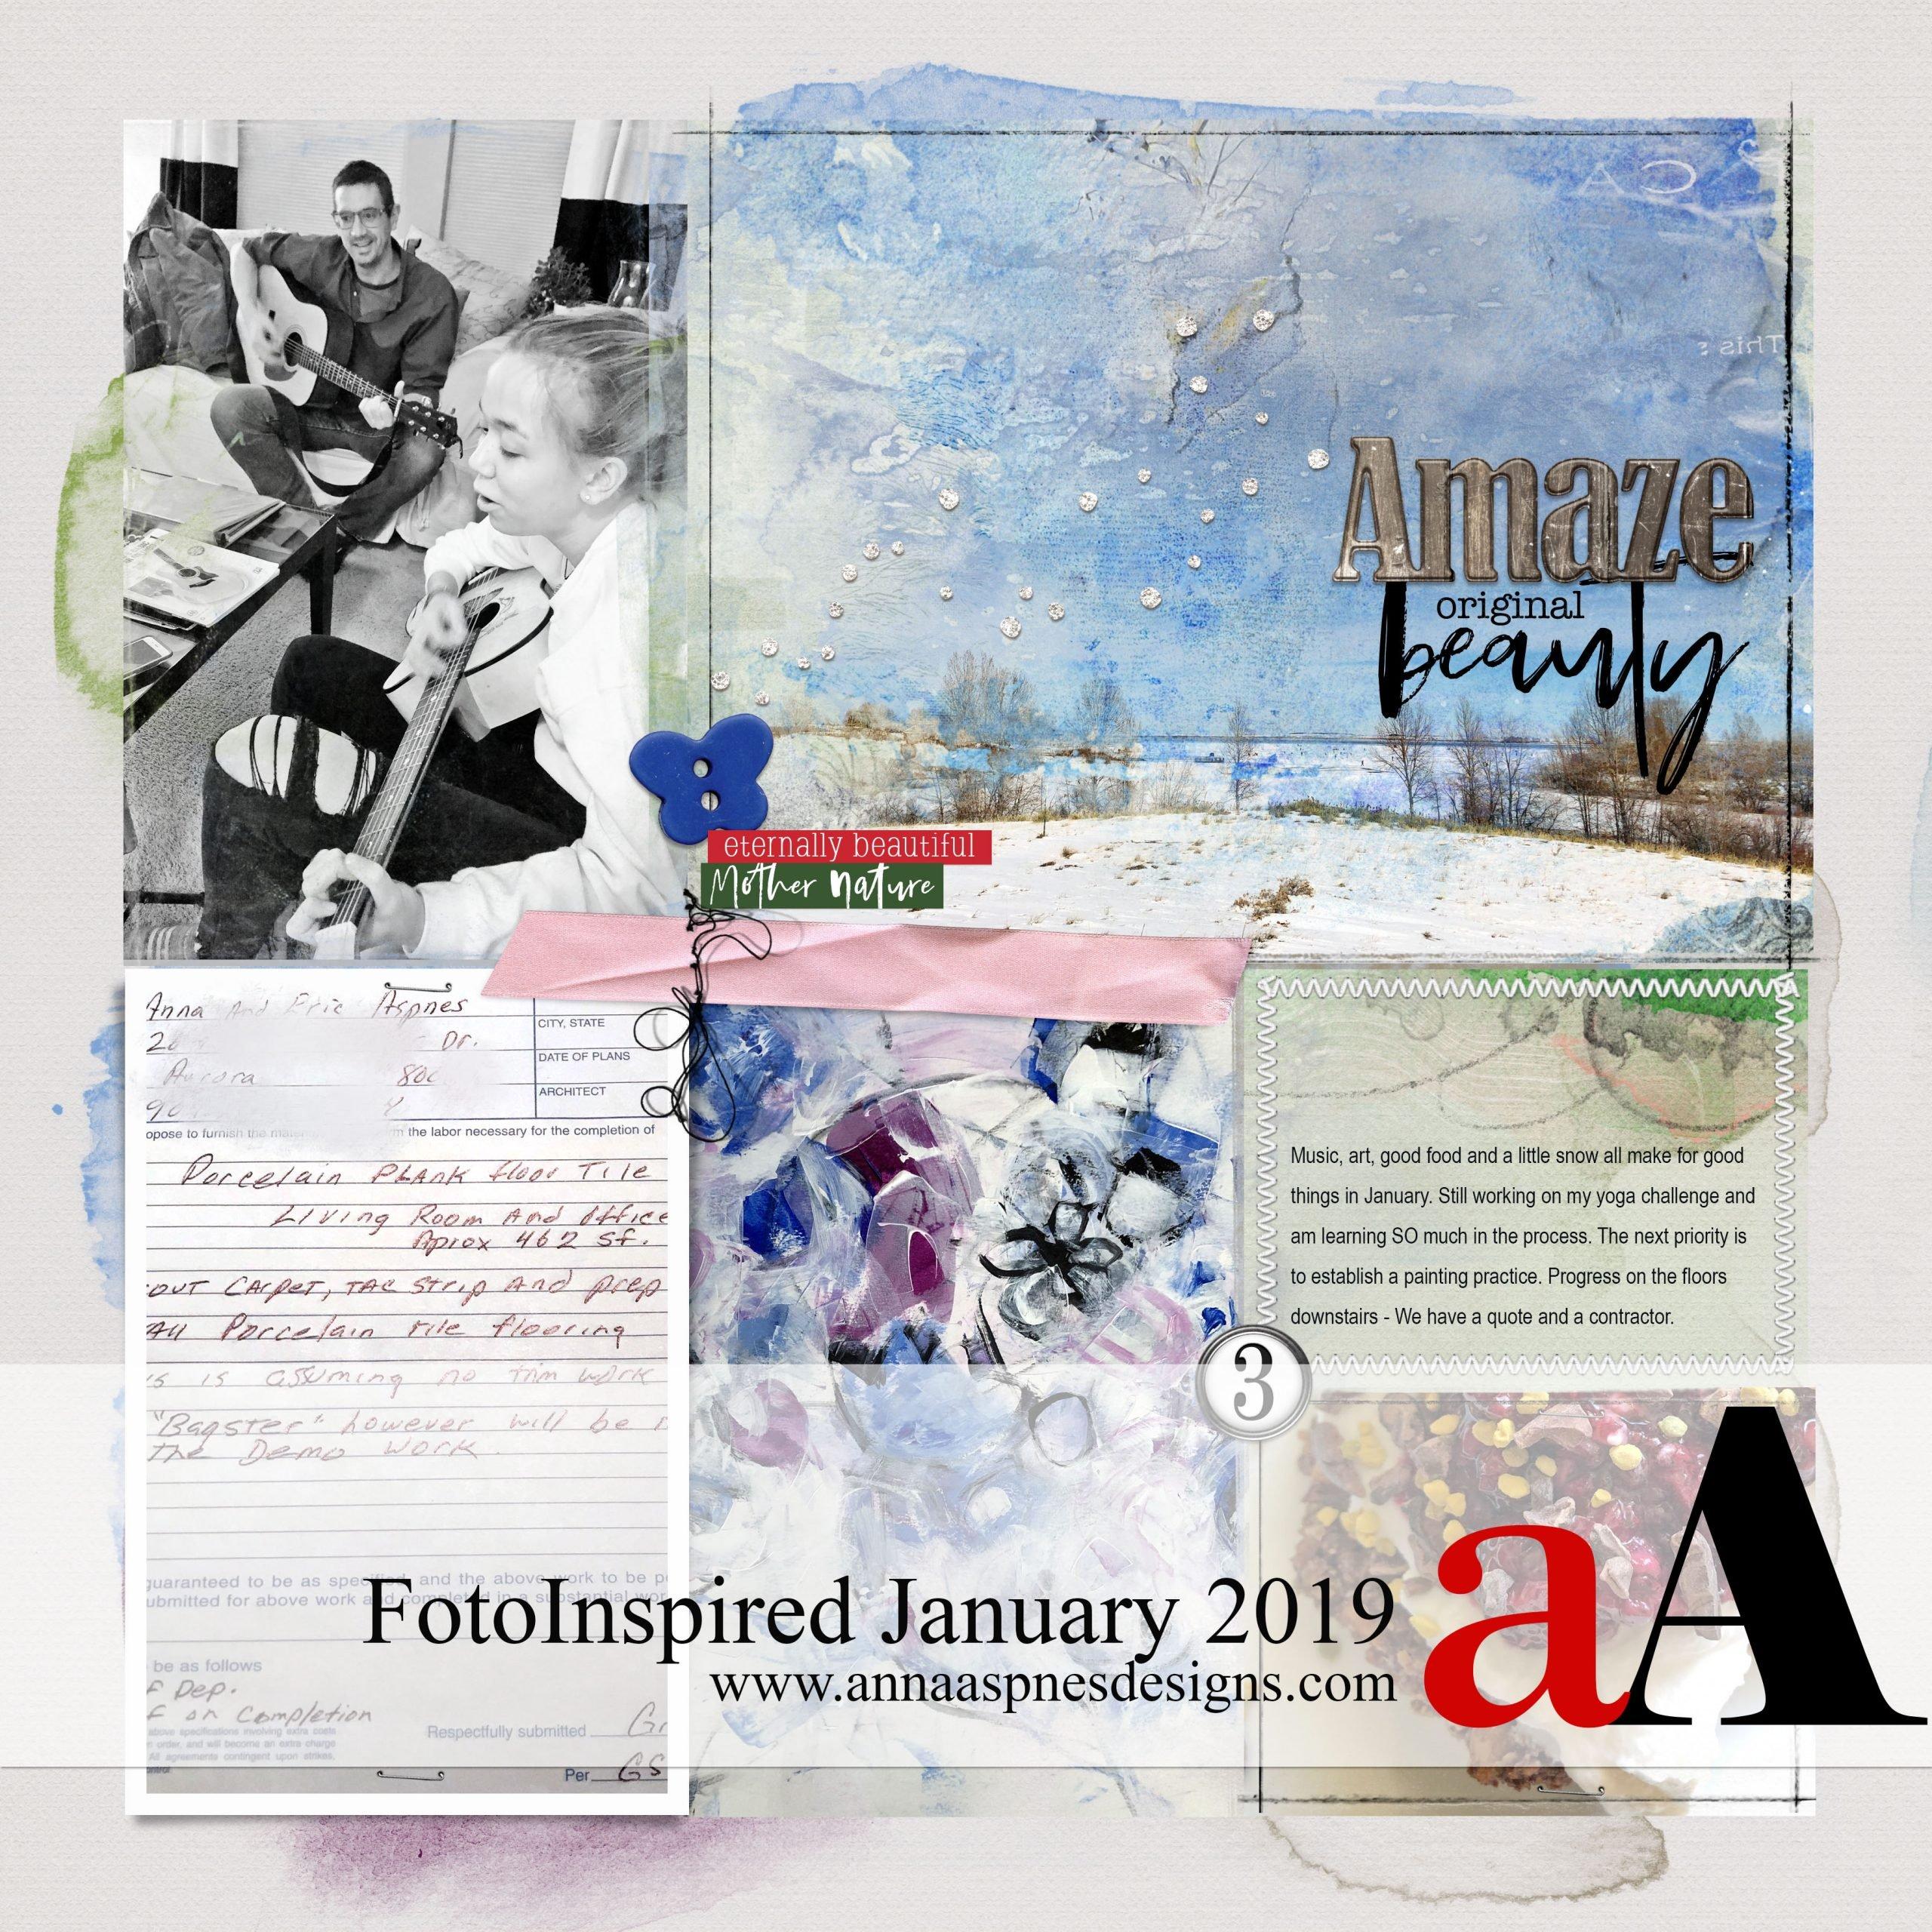 FotoInspired January 2019